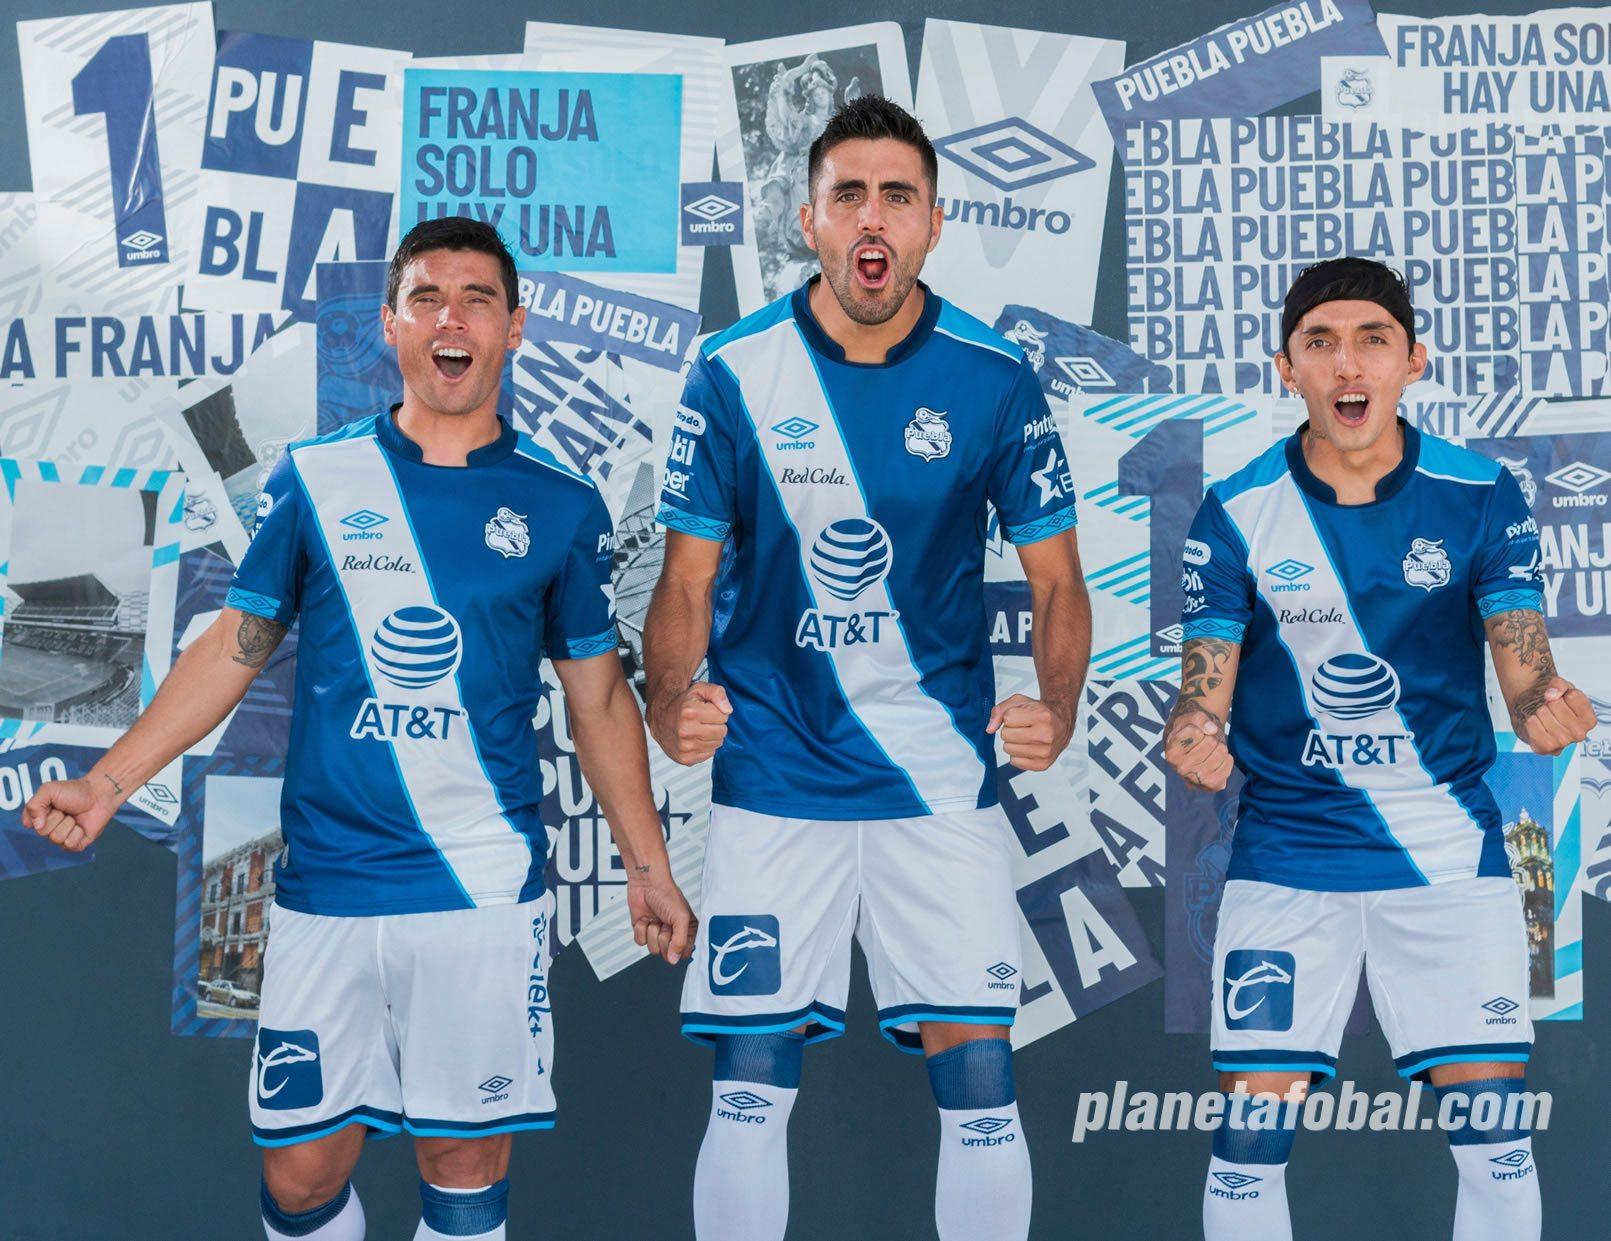 Jersey visita del Club Puebla 2019/2020 | Imagen Umbro